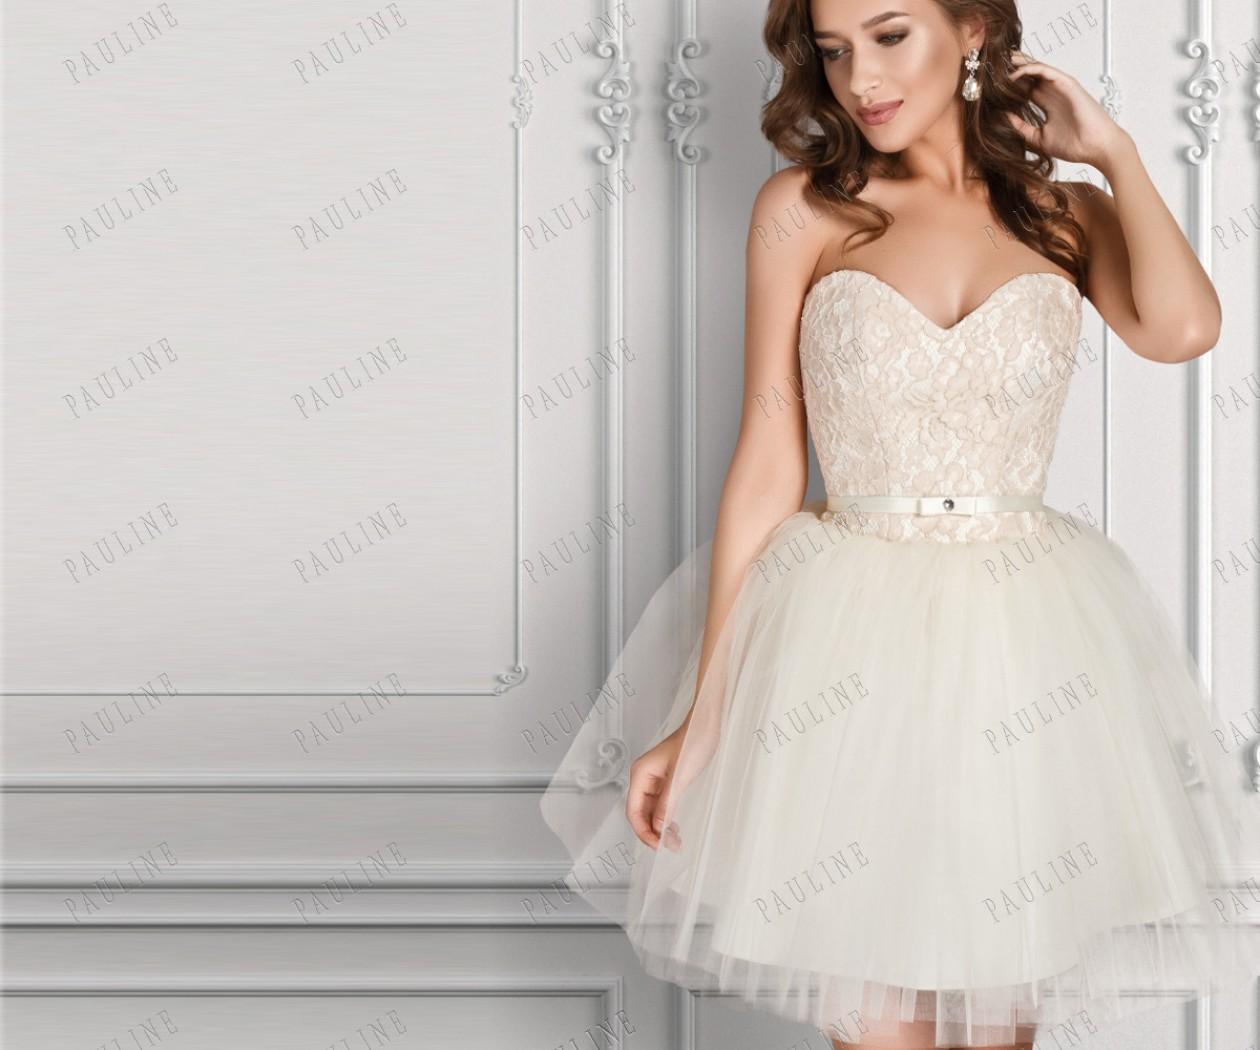 Вечернее платье нежного цвета с открытыми плечами ЛАВЬЮ